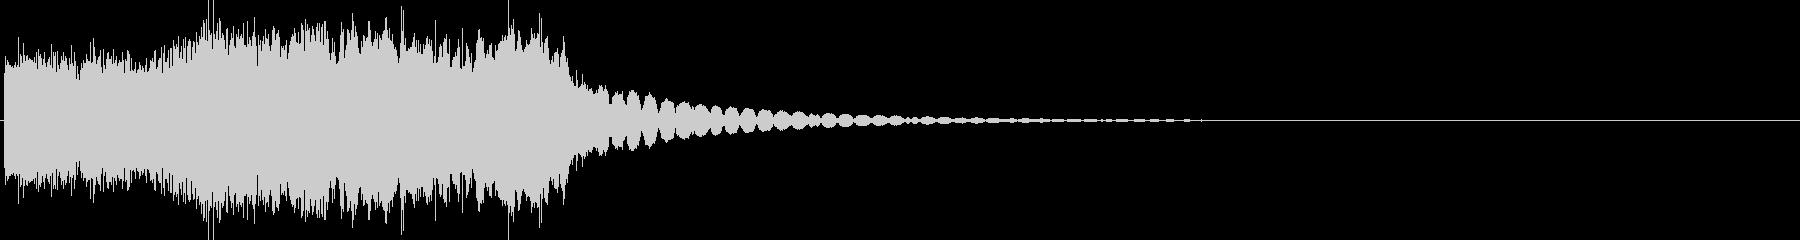 ゲームのステージクリア音の未再生の波形